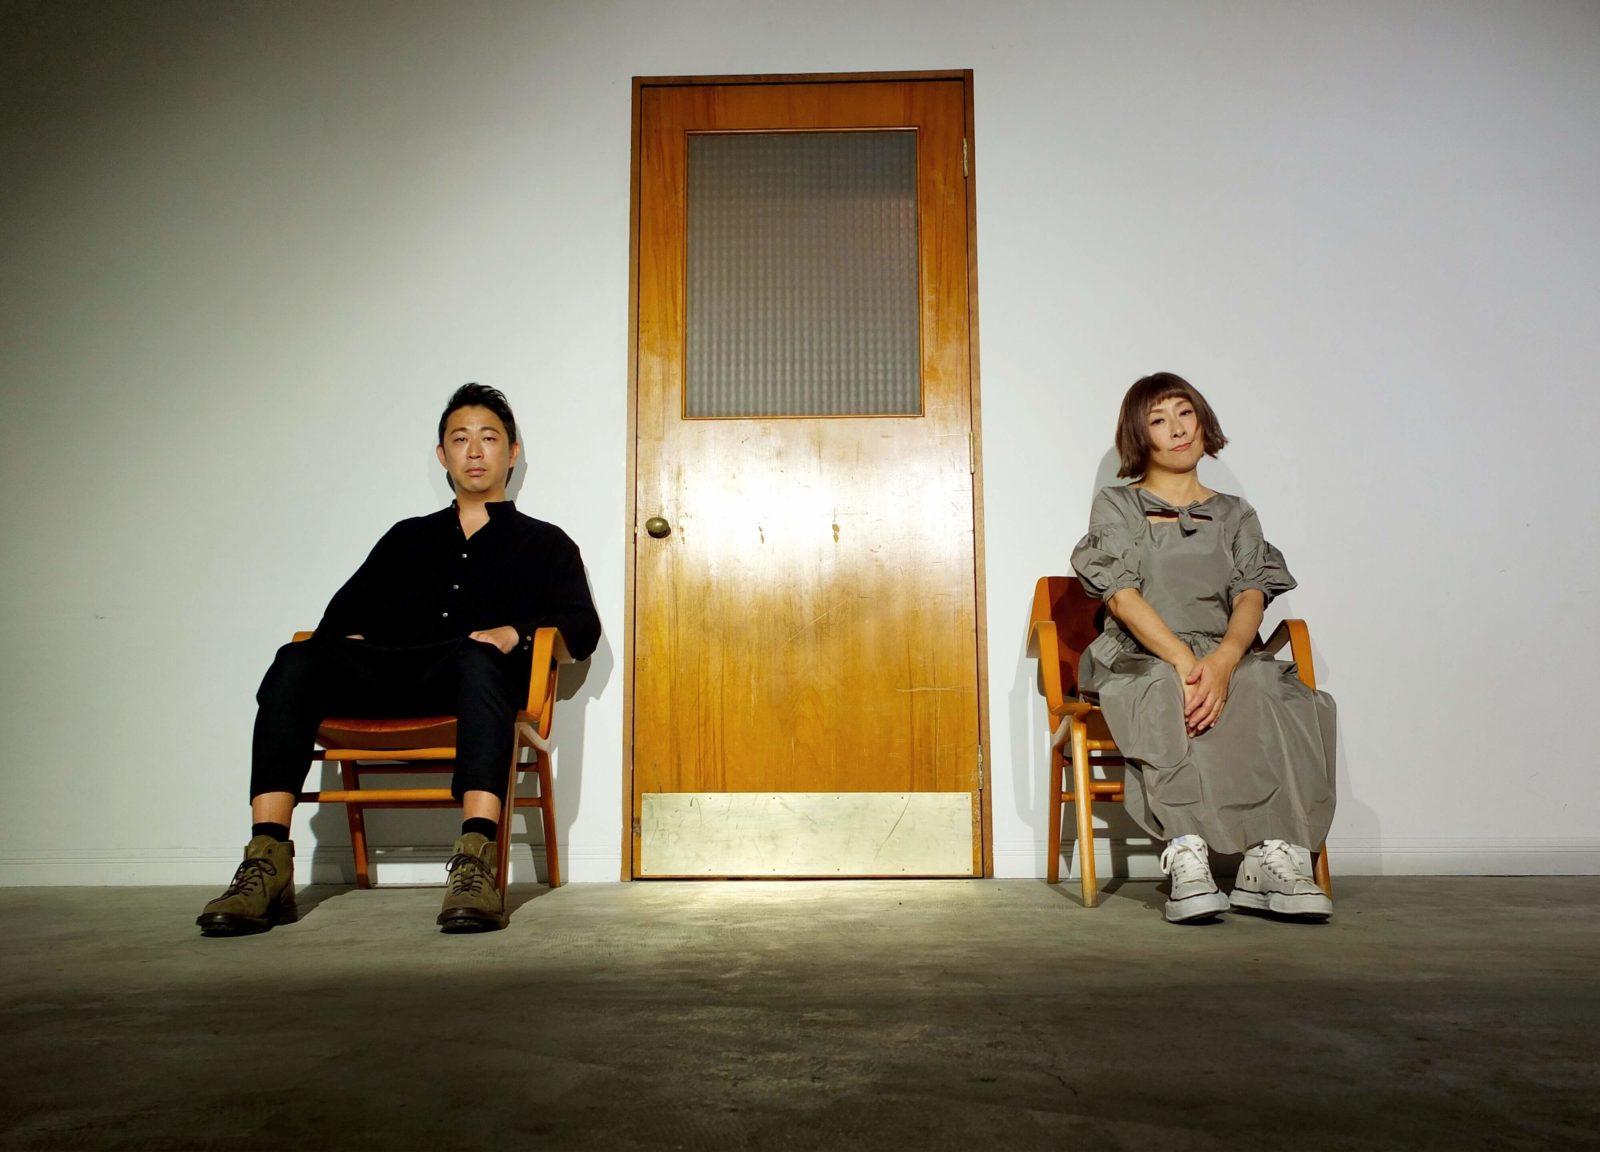 やのとあがつま、3月4日発売のアルバムから「おてもやん」ミュージックビデオ公開サムネイル画像